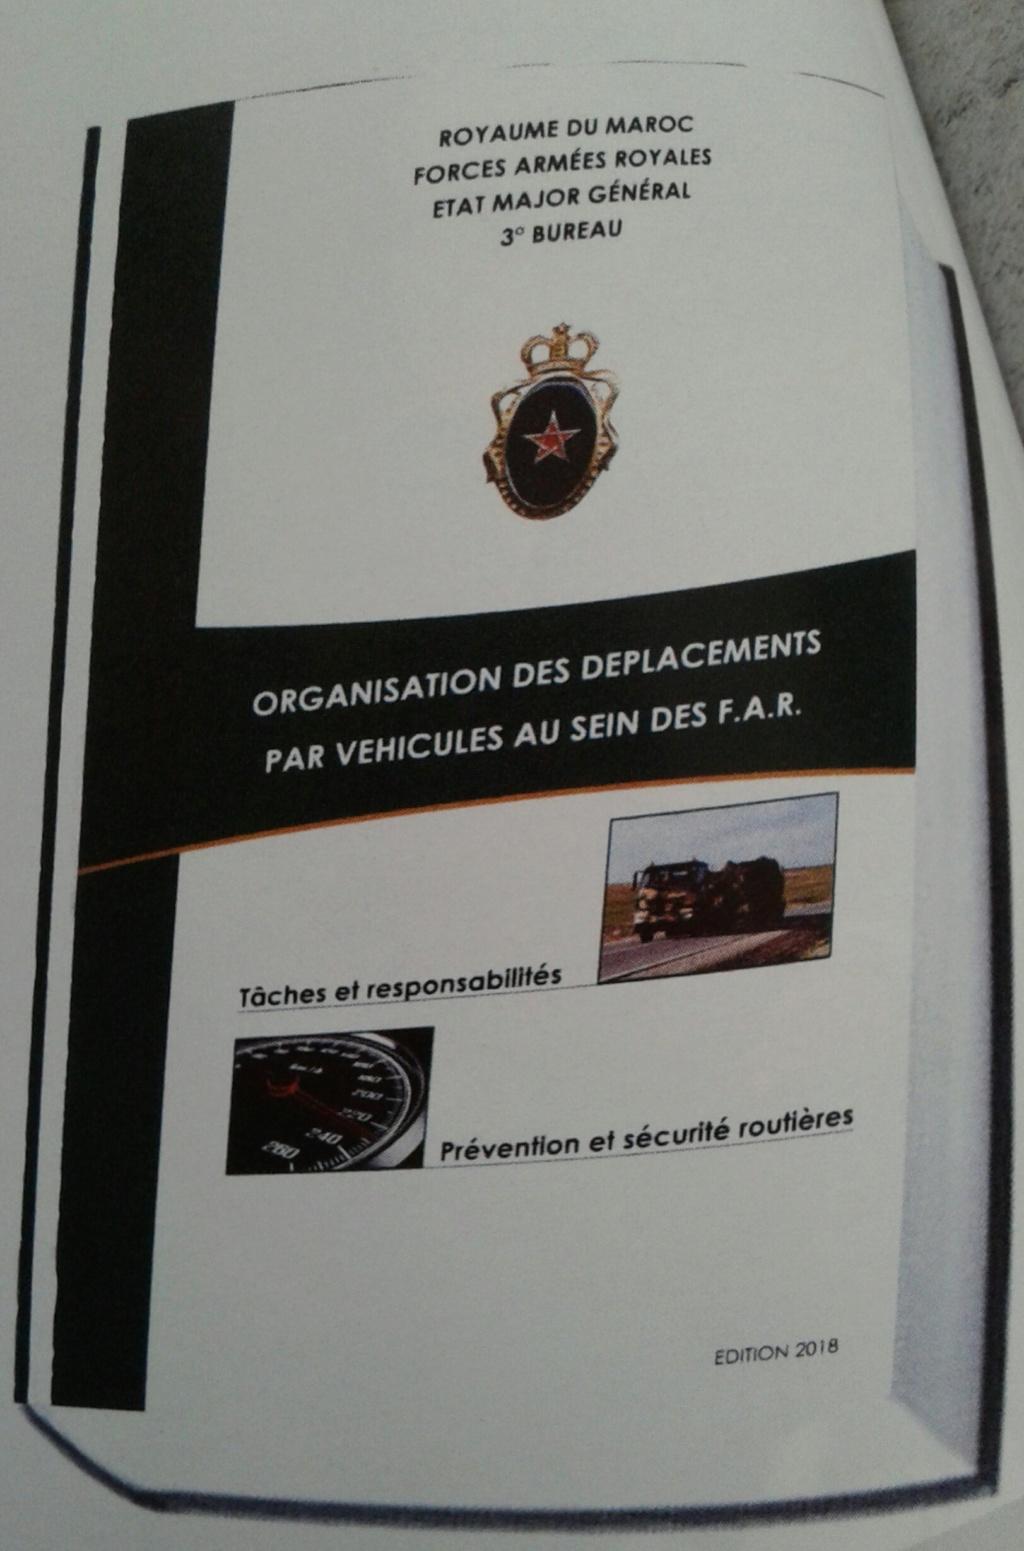 Photos - Logistique et Camions / Logistics and Trucks - Page 7 20180725